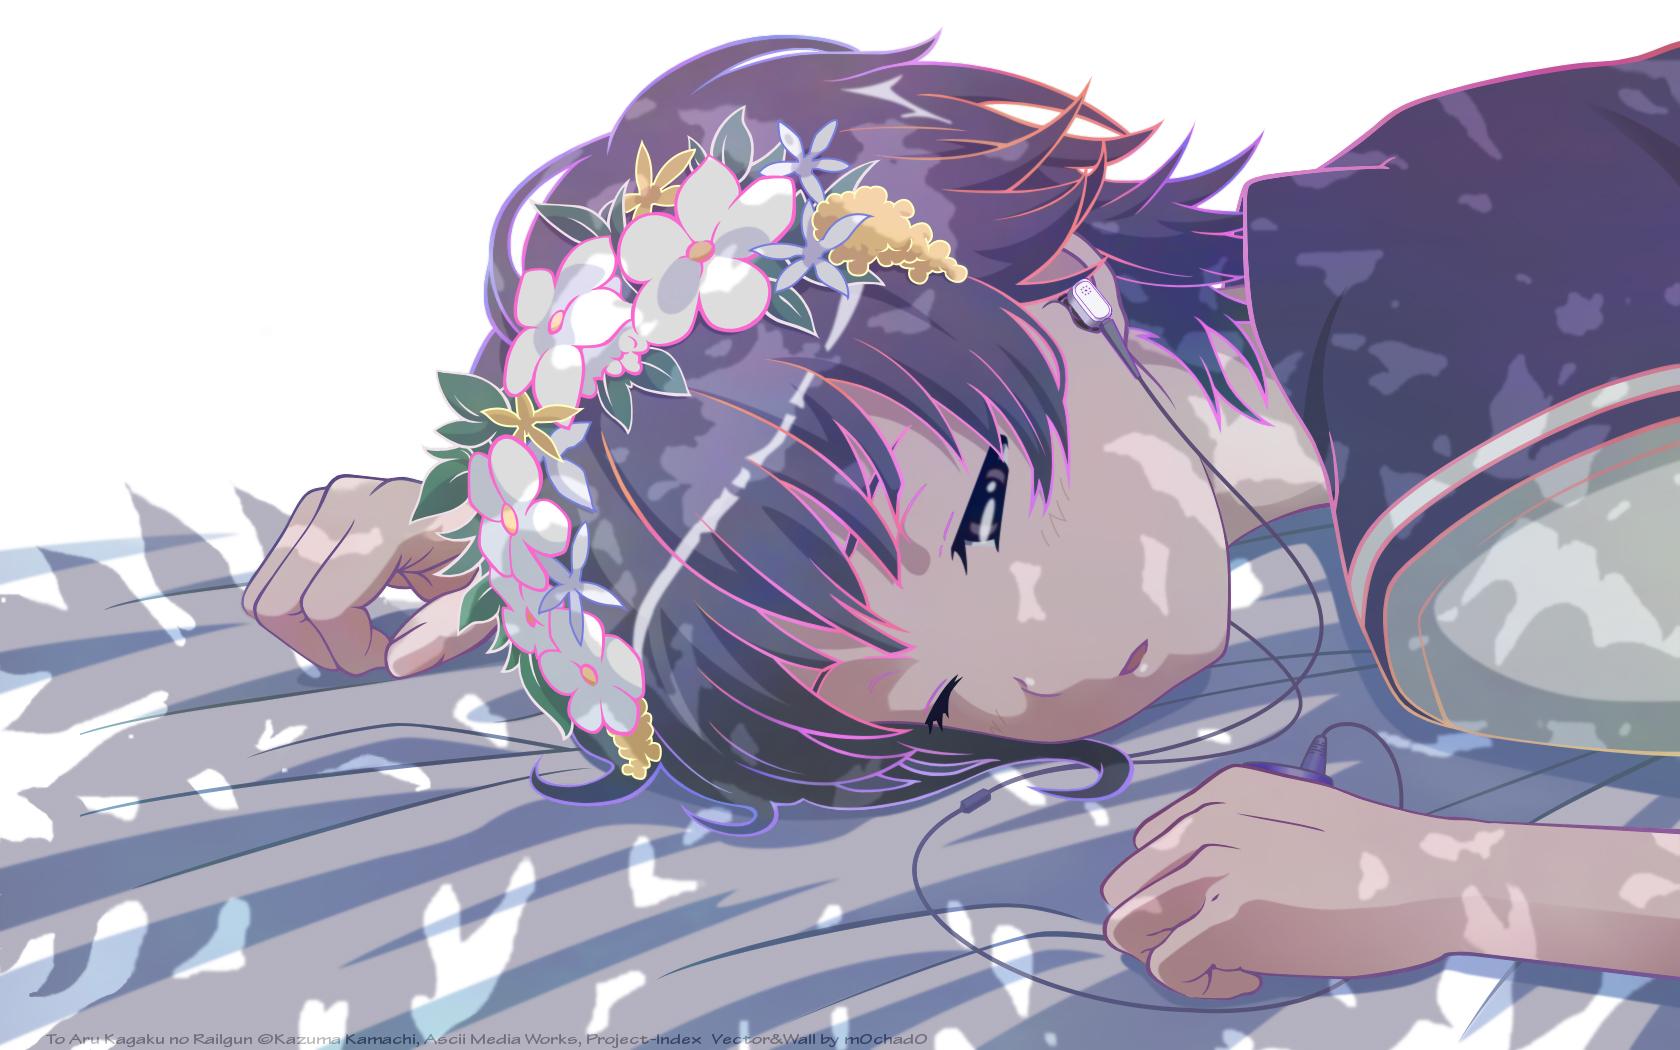 Anime 1680x1050 anime girls anime Uiharu Kazari To Aru Kagaku no Railgun To aru Majutsu no Index